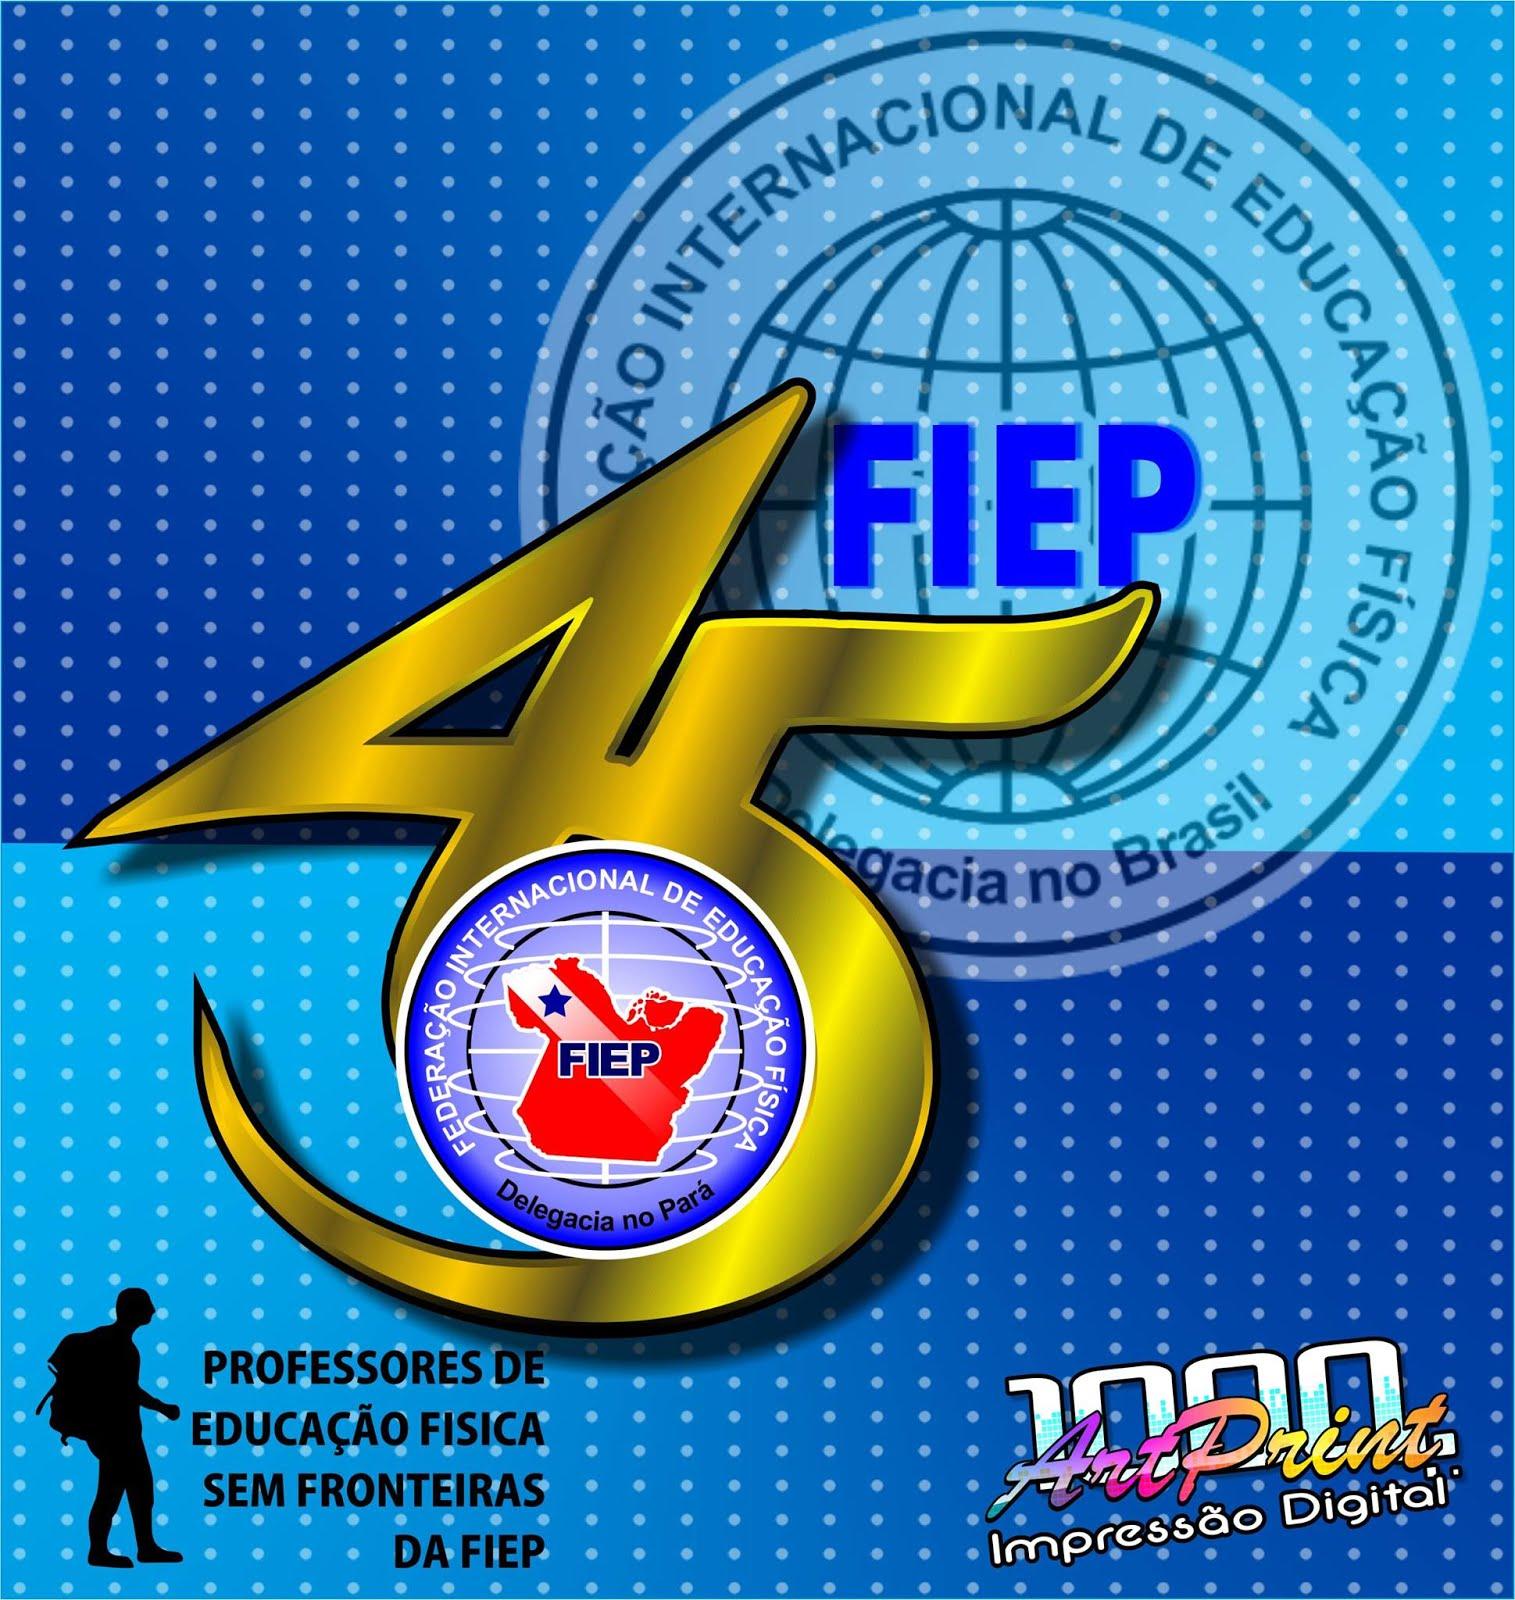 45 anos da FIEP no Pará.